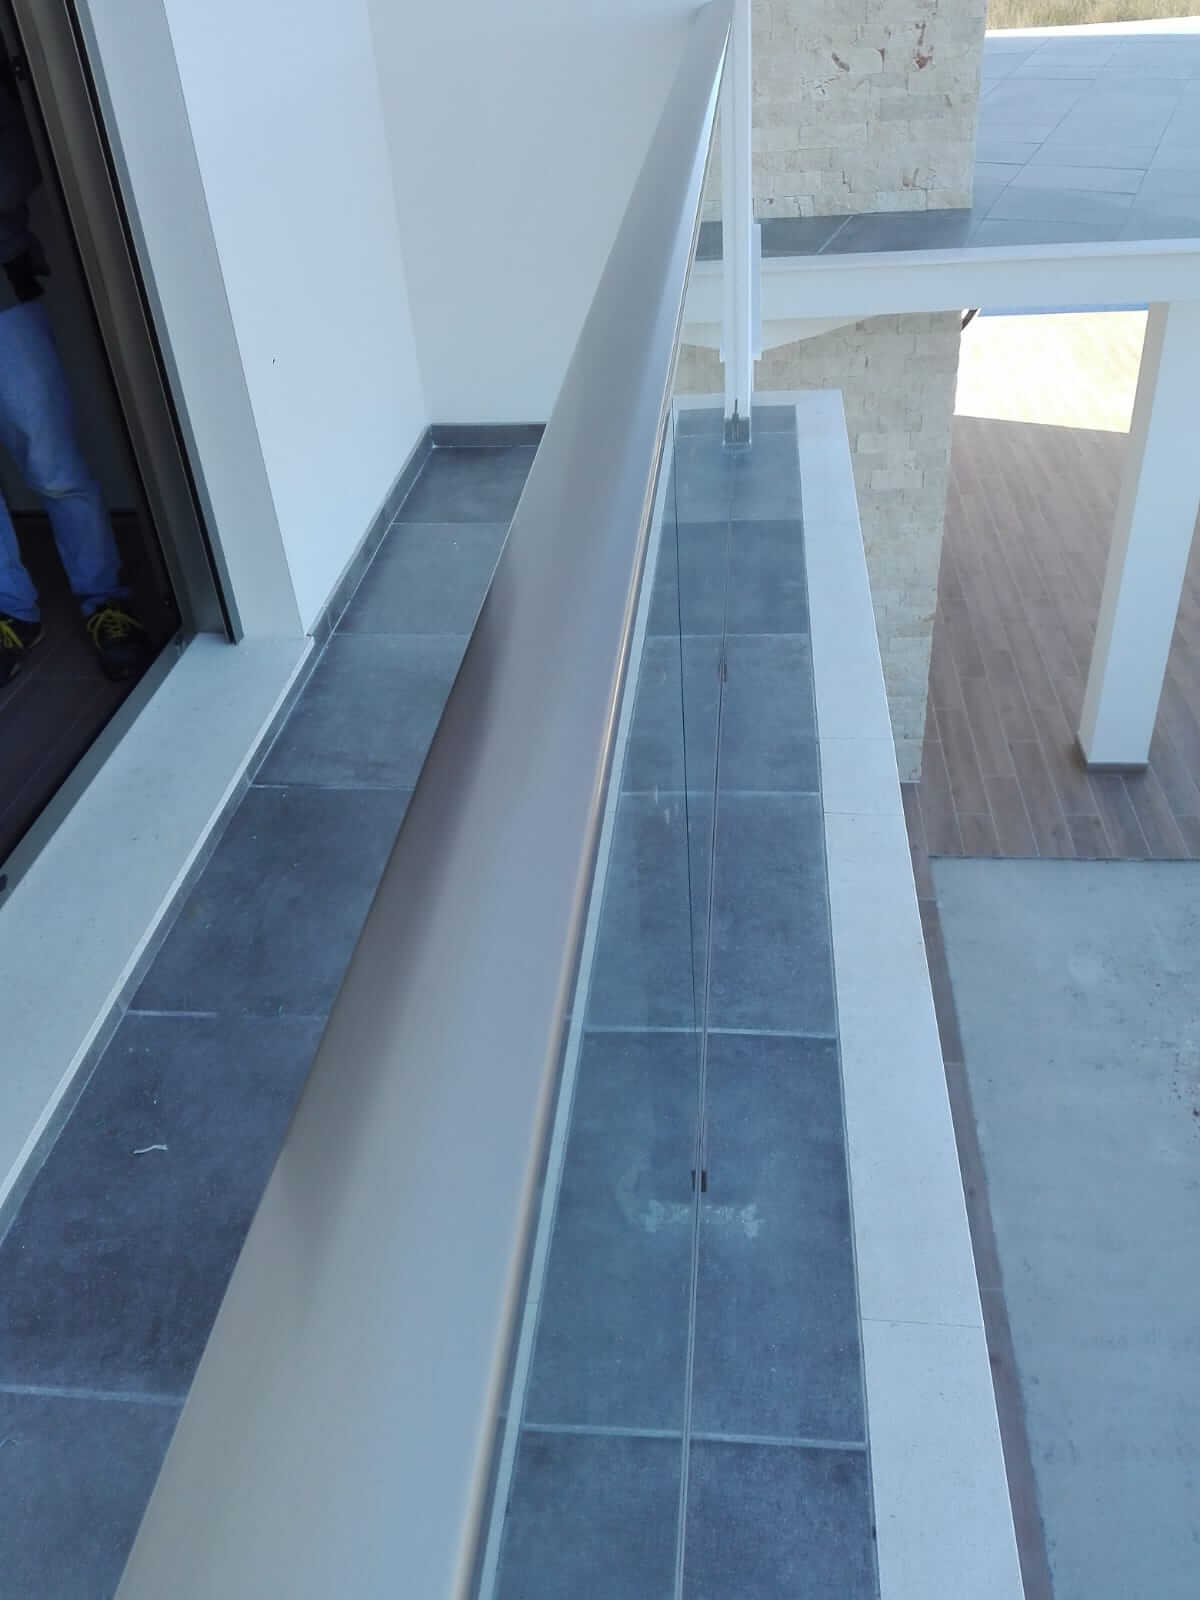 Barandilla de metal con cristal en balcón de vivienda